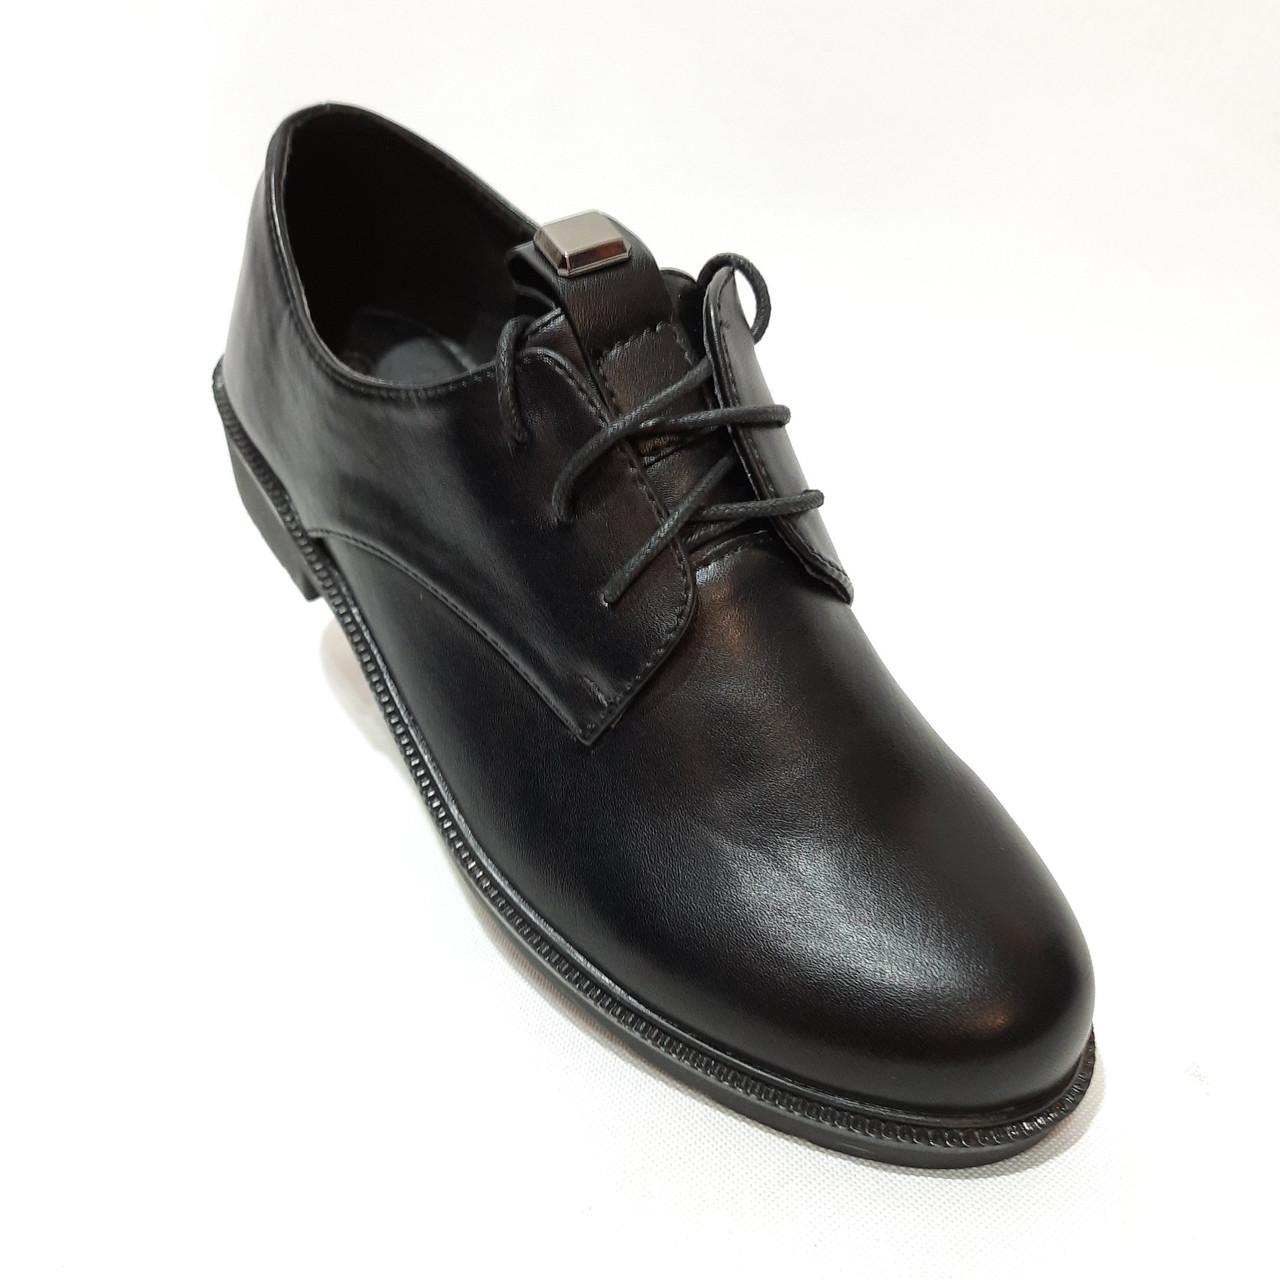 41 р. Туфли женские весенние на шнурках